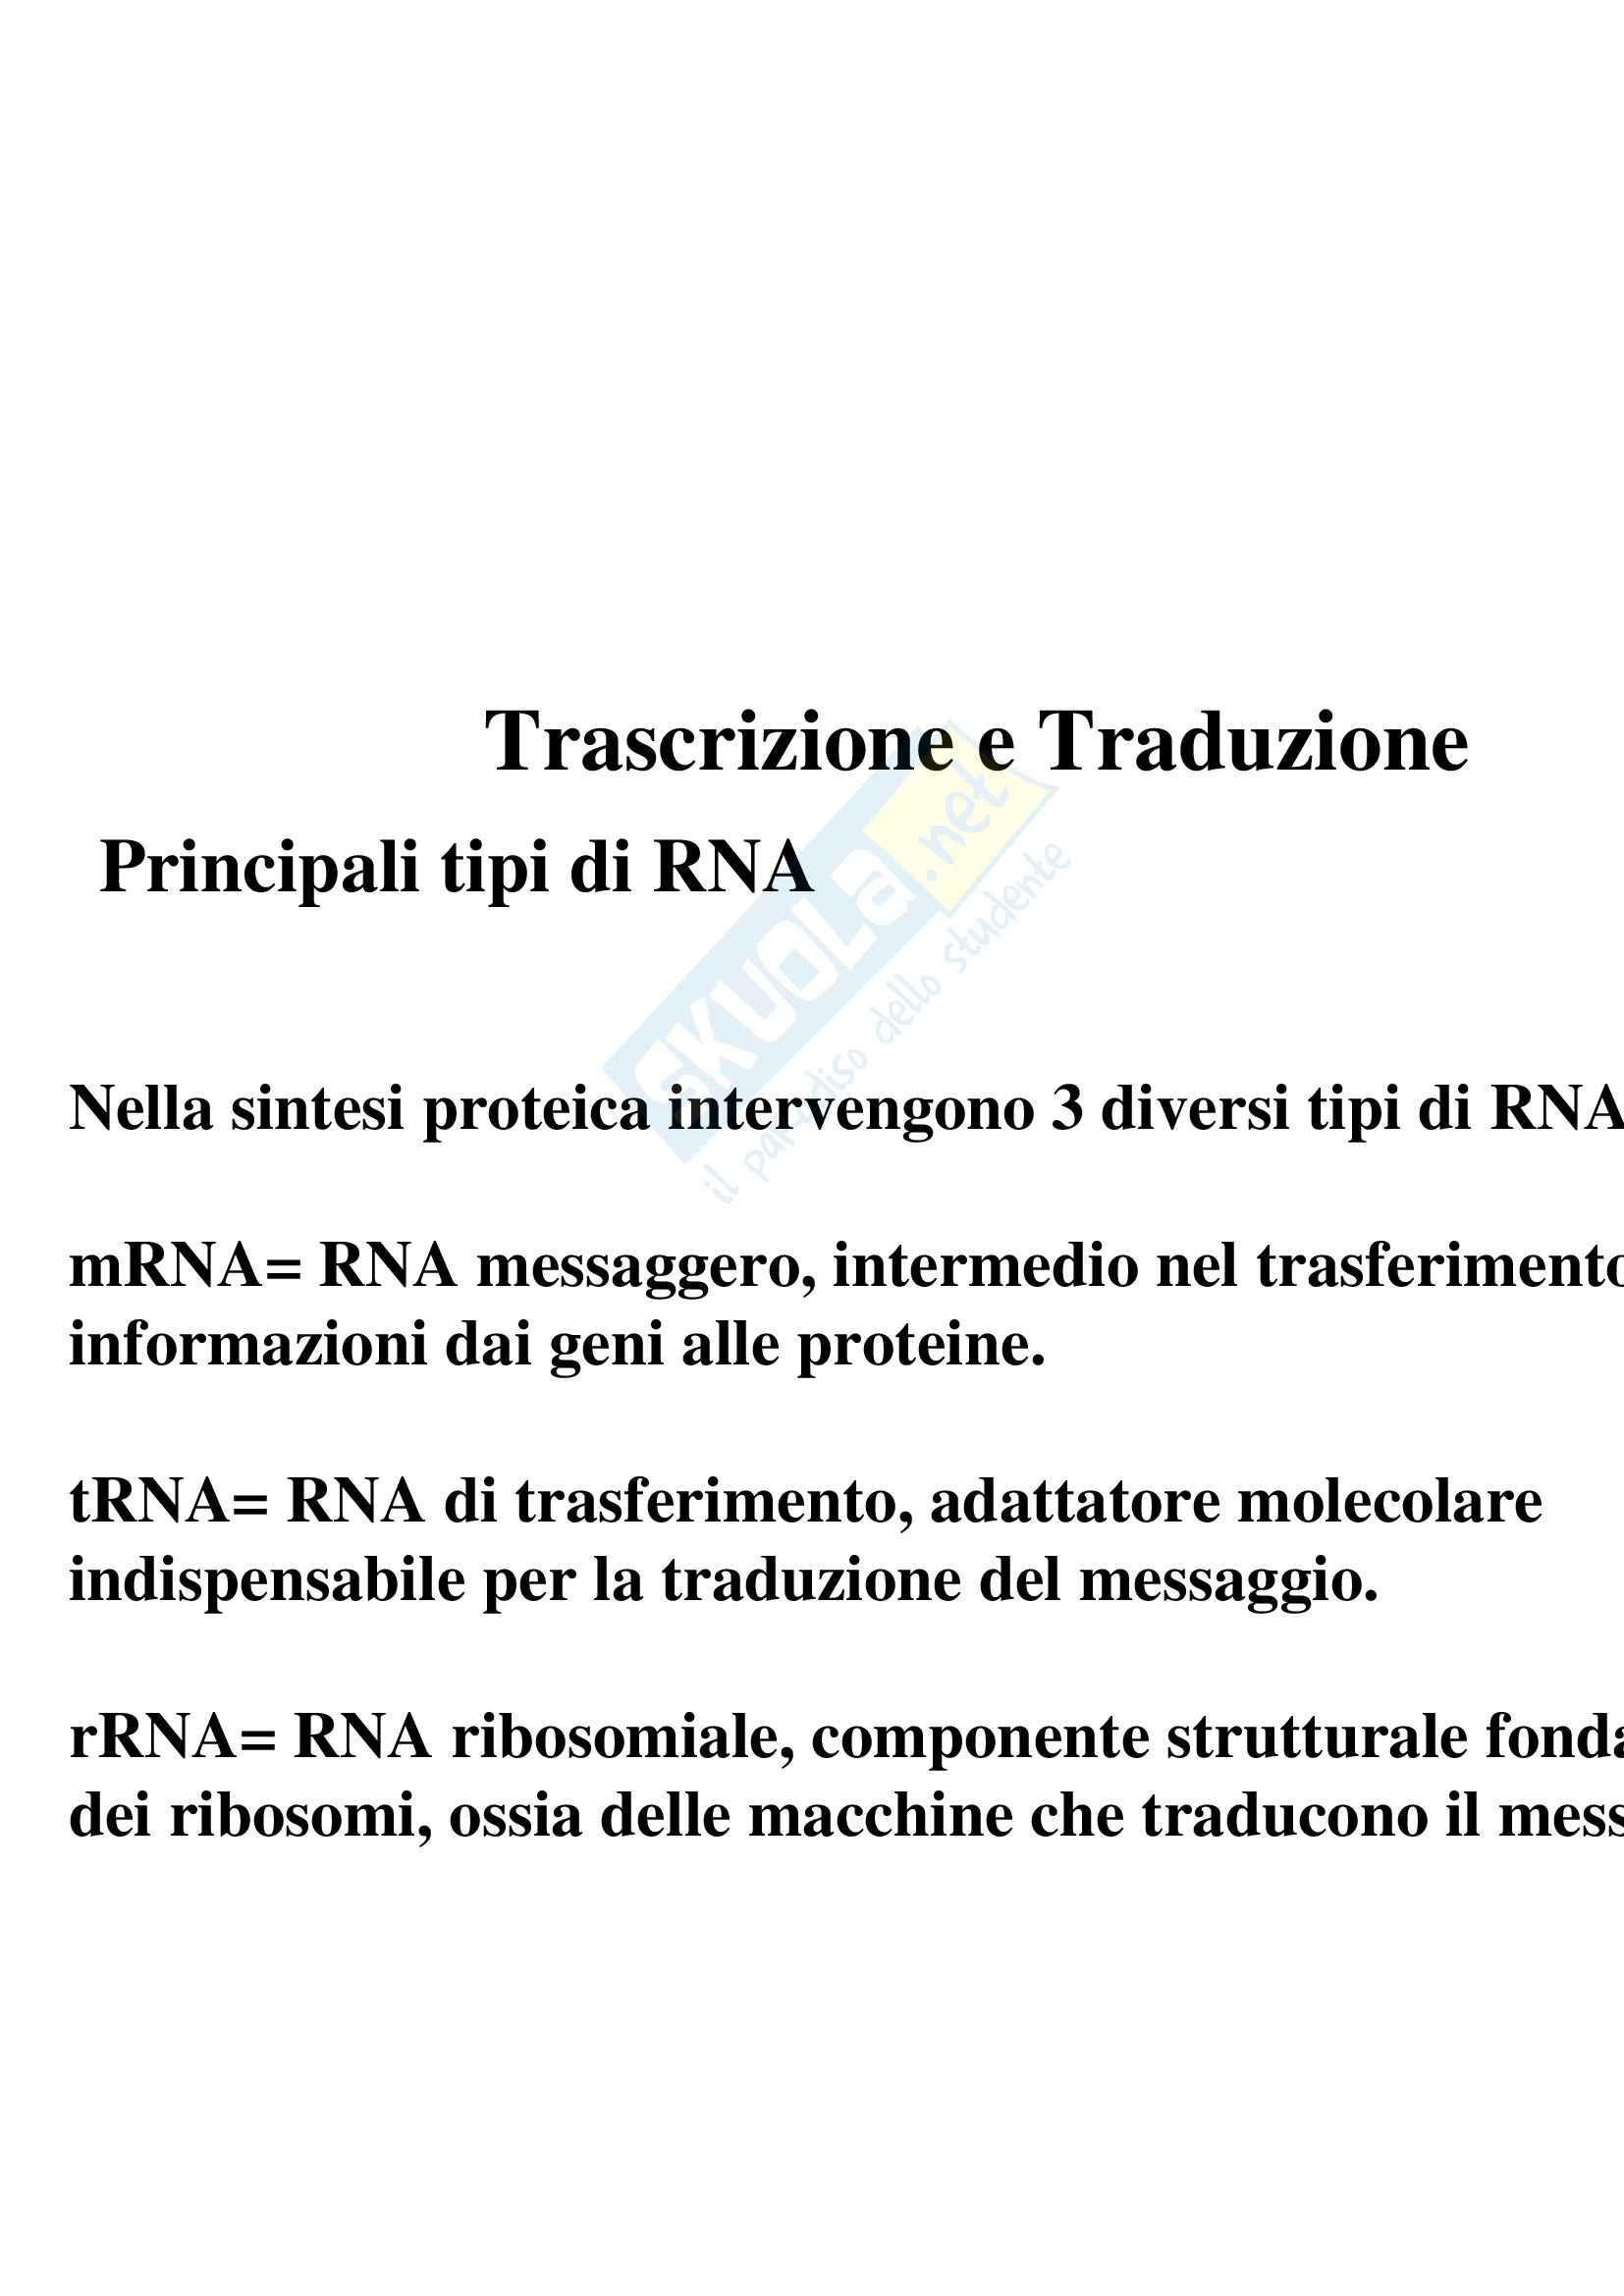 Biologia e genetica - trascrizione e traduzione Pag. 21